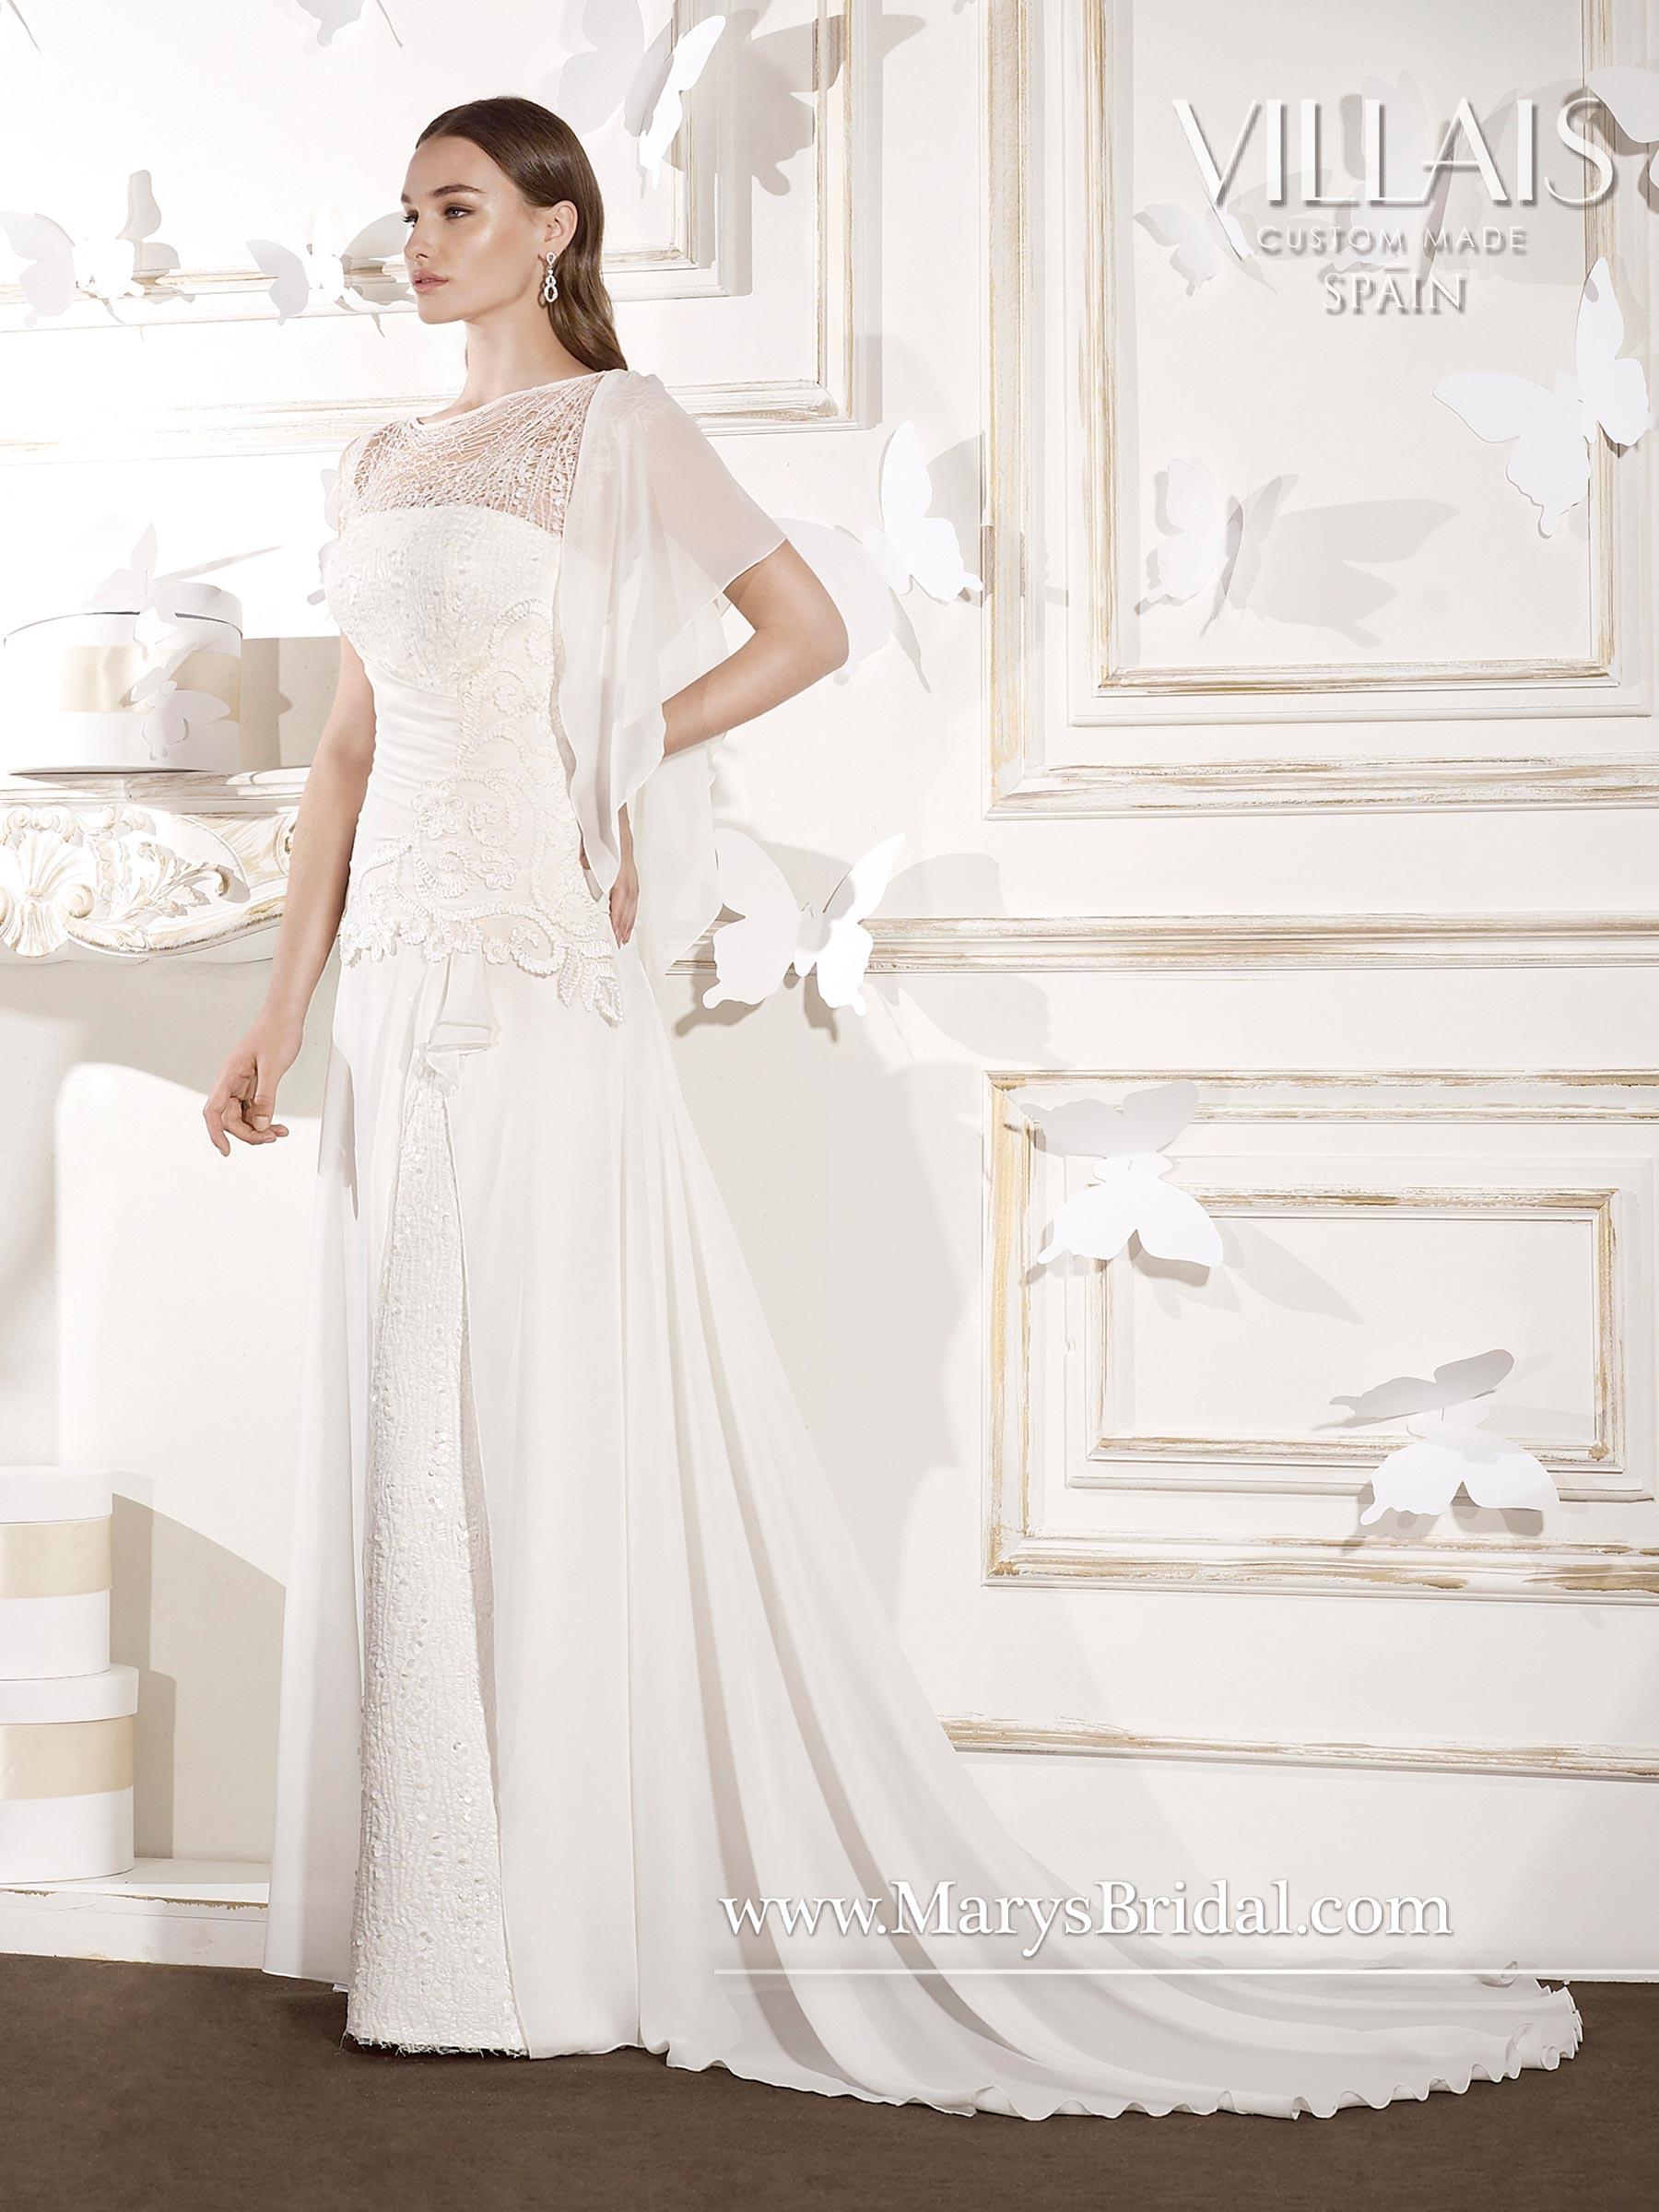 B8016-marys bridal